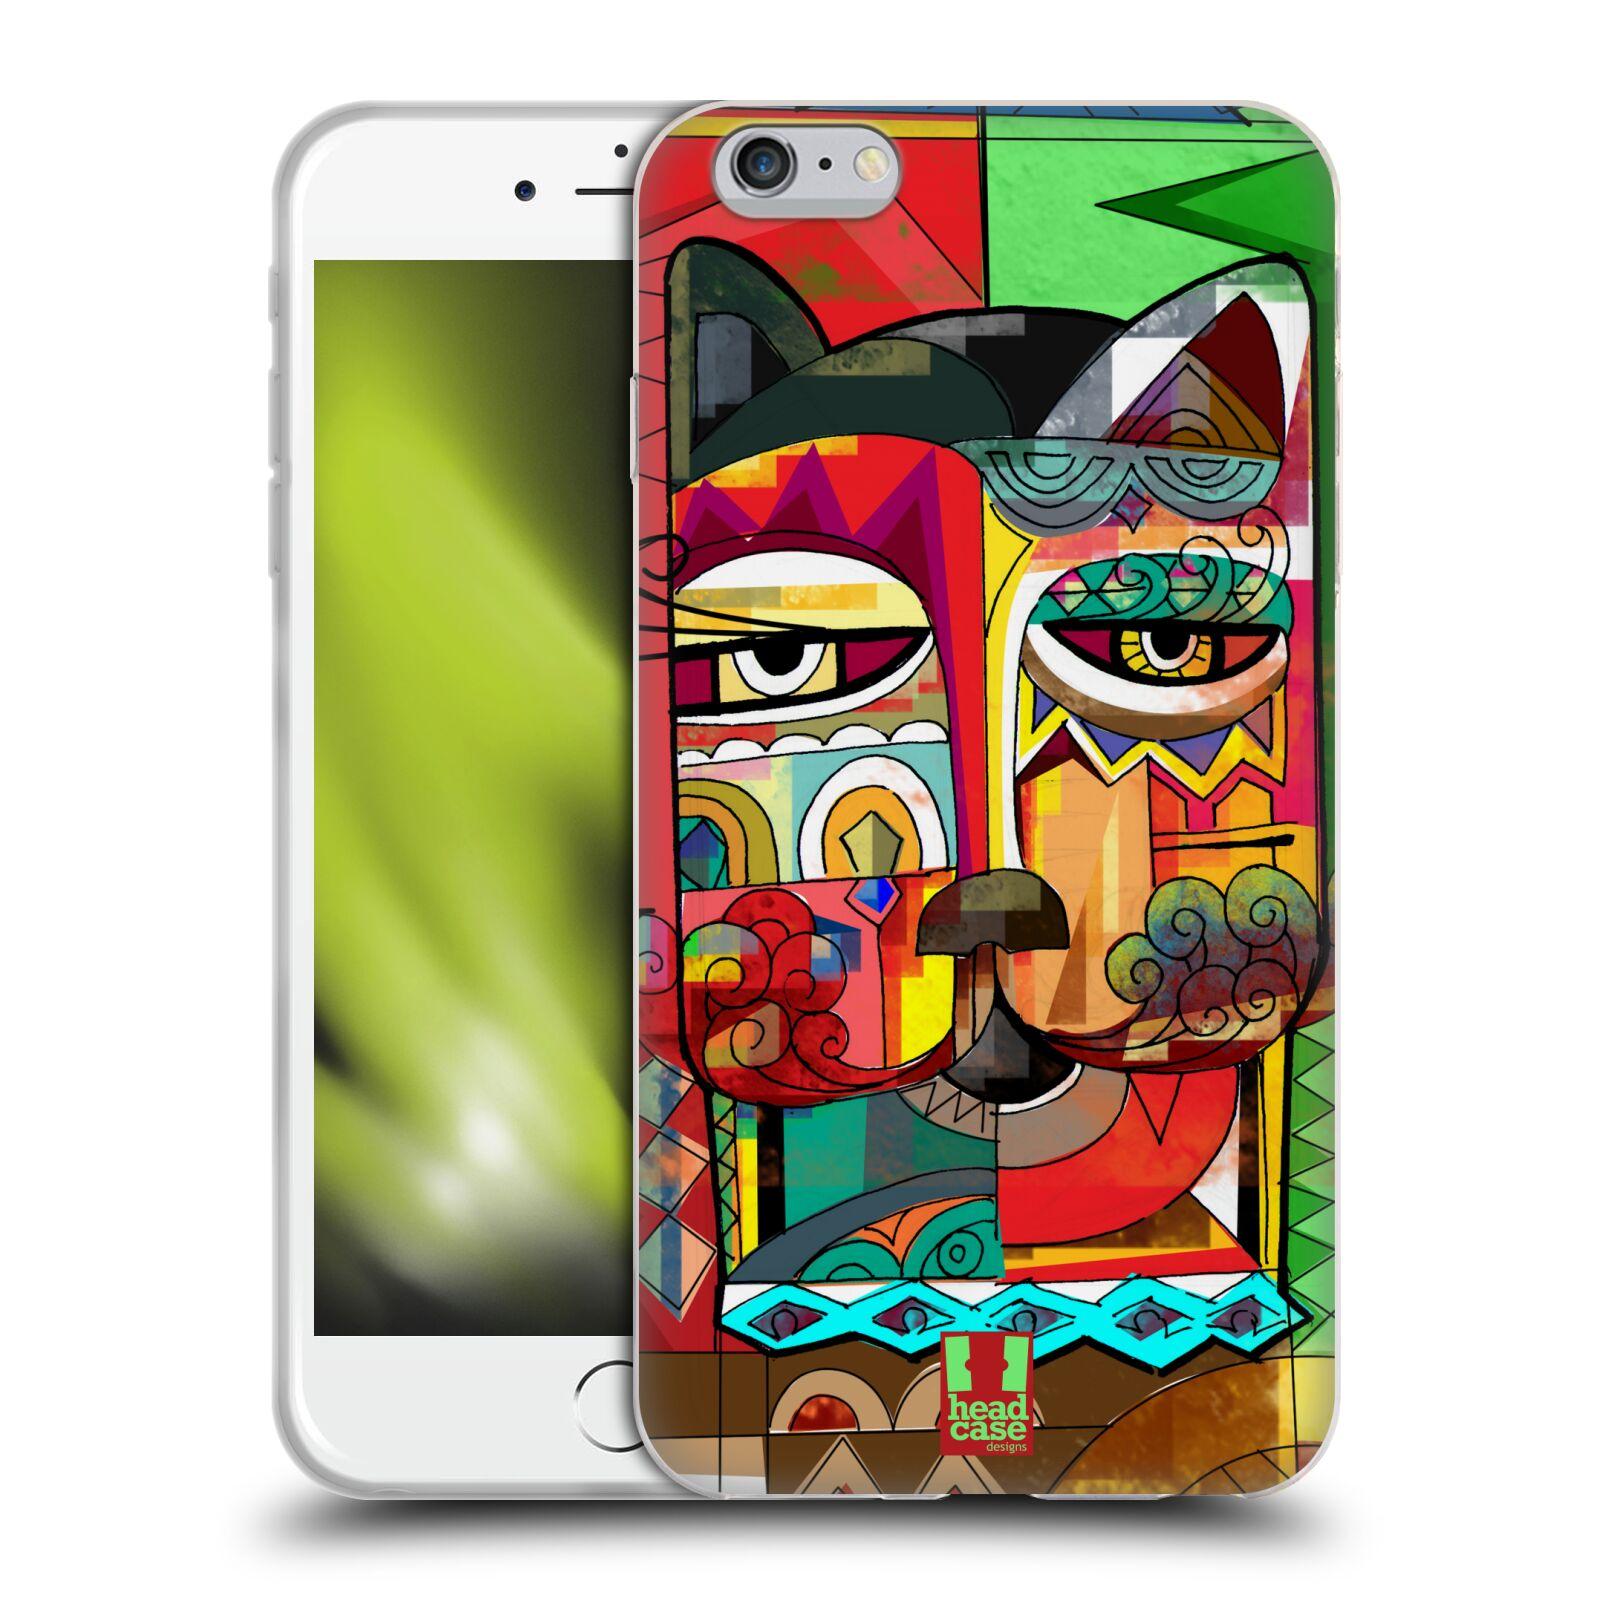 HEAD CASE silikonový obal na mobil Apple Iphone 6 PLUS/ 6S PLUS vzor Aztécký vzor abstrakce kočka SPHYNX